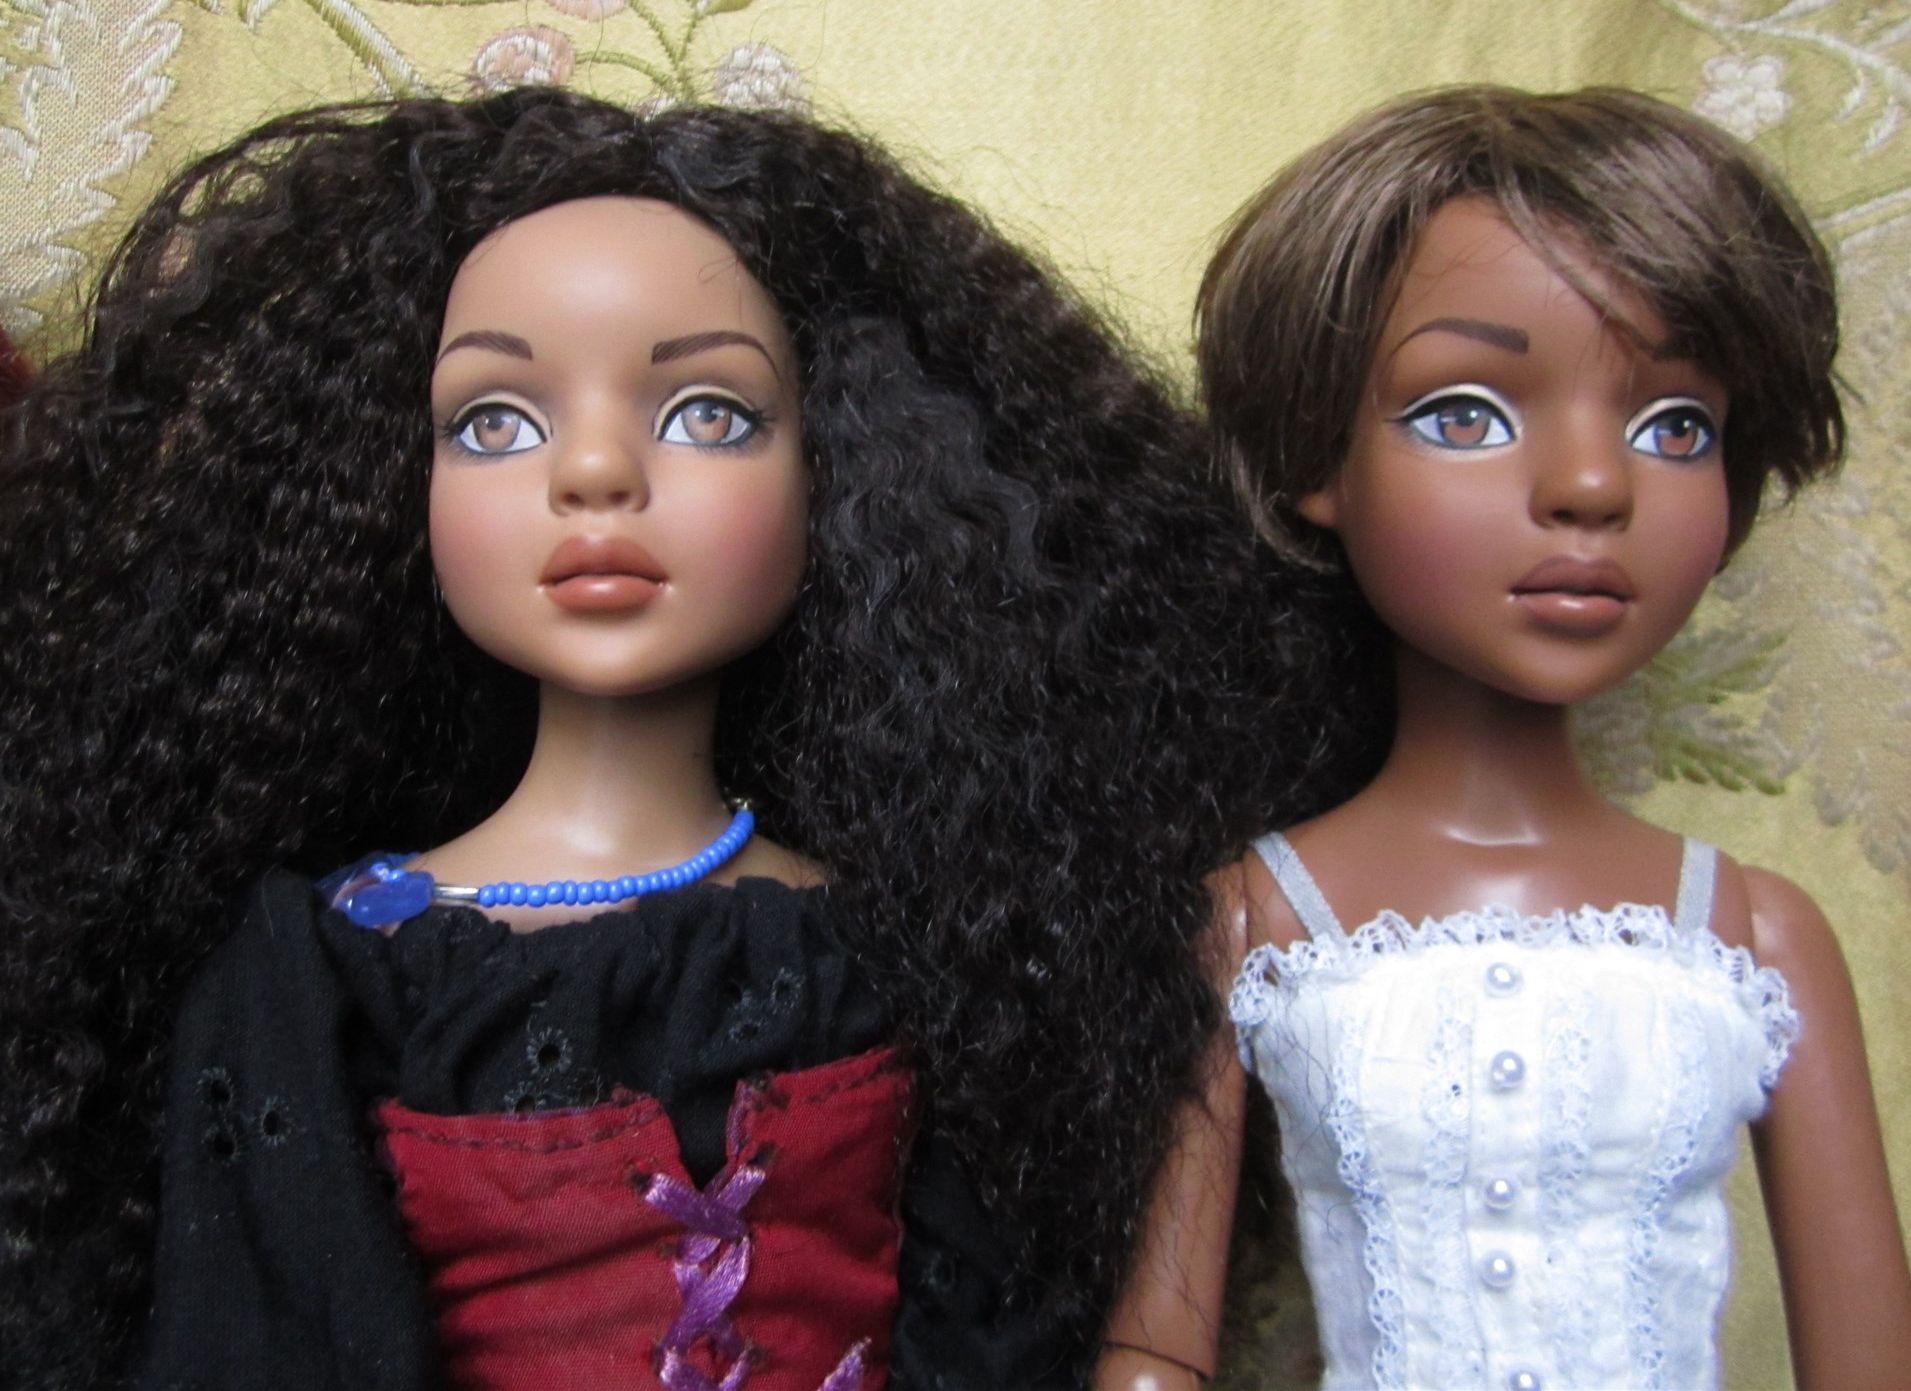 Les perles noires d'Idriss: Lizette, Lizelotte, Tah'ra et Napata .... - Page 2 2013-10%20perles%20noires%2015%20-%20les%20Lizette